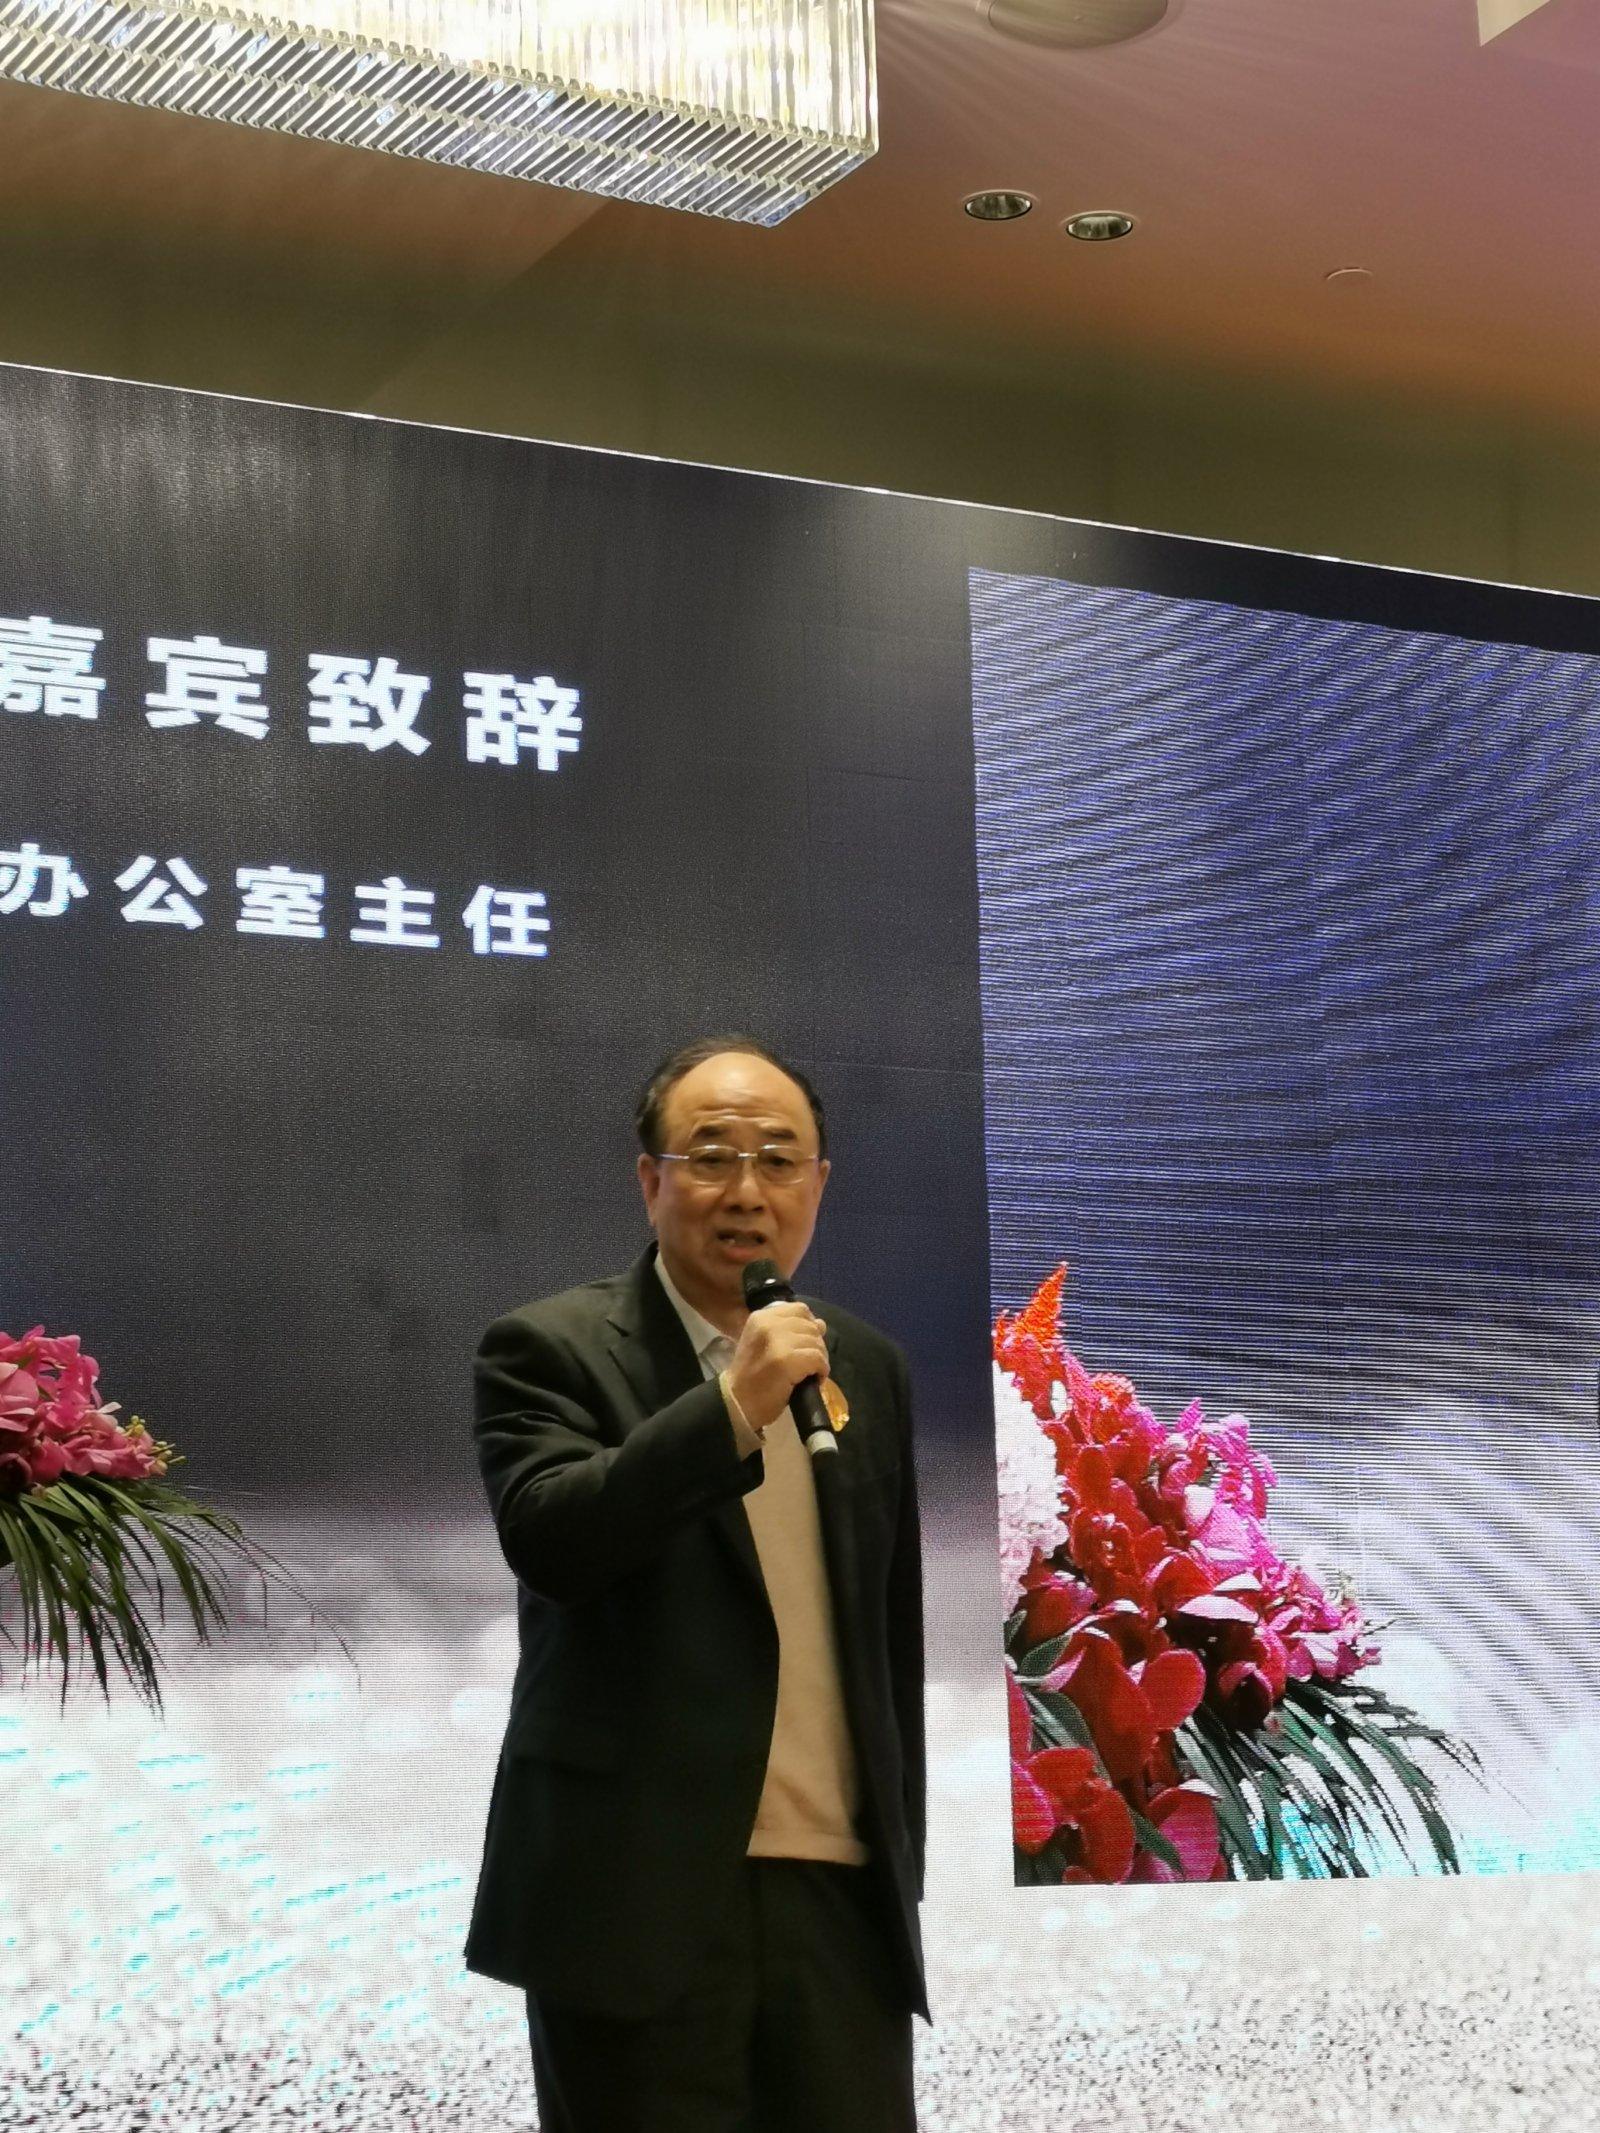 趙啟正為美術館揭幕,並勉勵藝術家、評論家共同努力,講好中國故事。記者張帆 攝